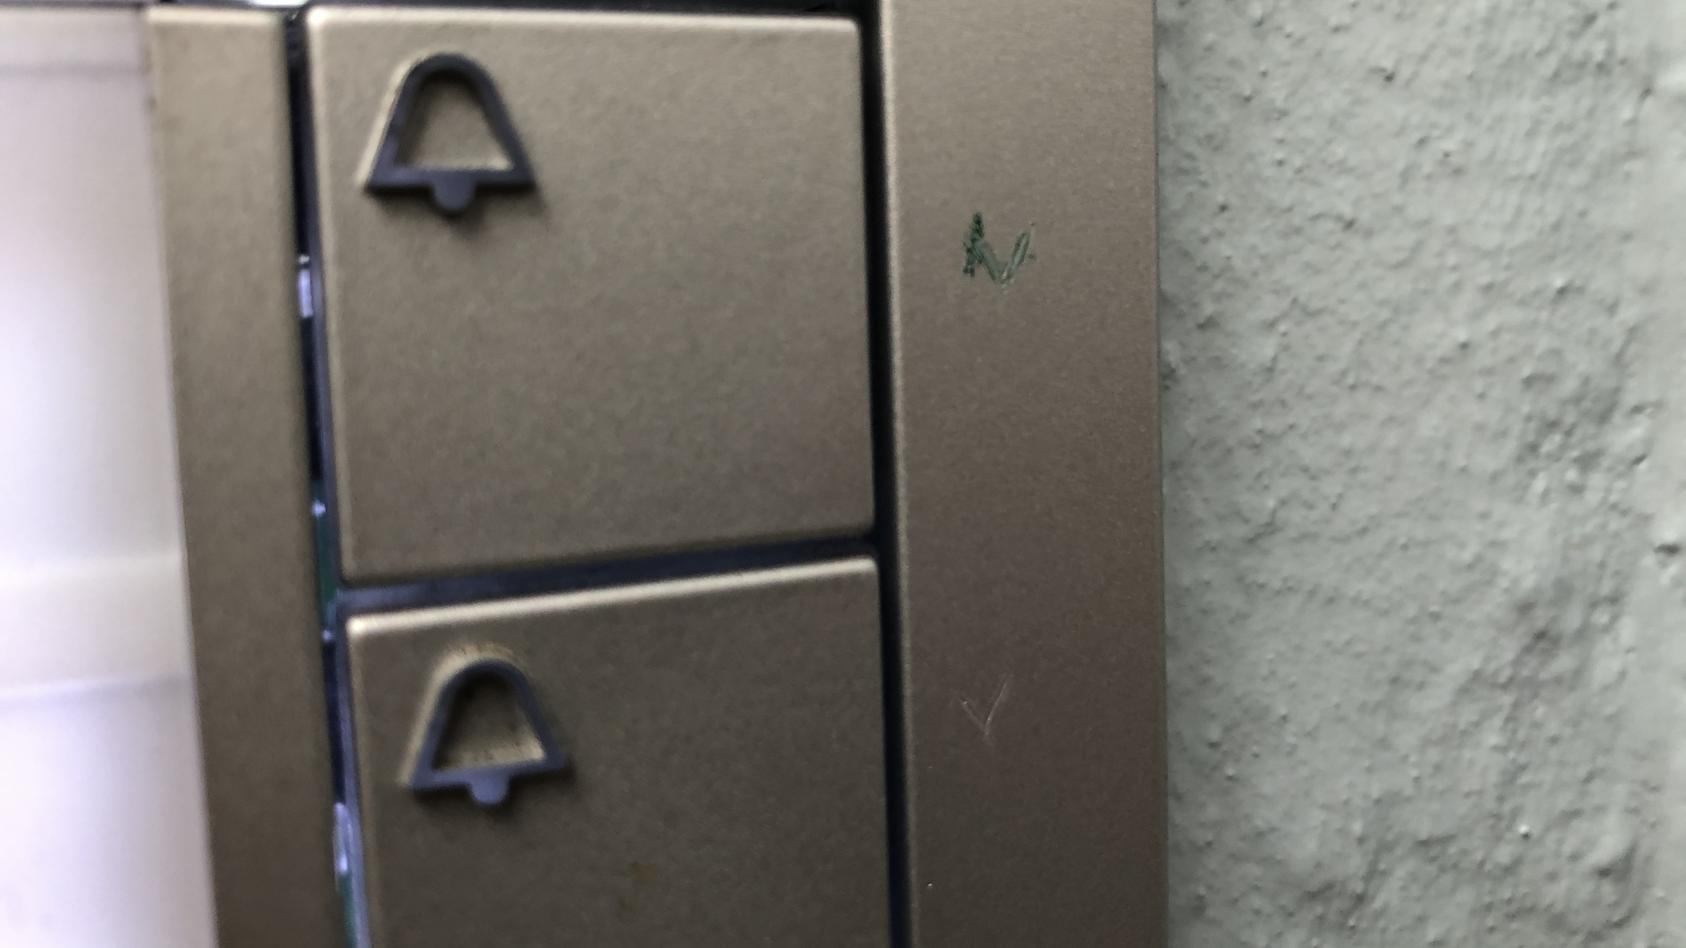 Diese mysteriösen Zeichen sind an Klingeln in Hamburg zu sehen.